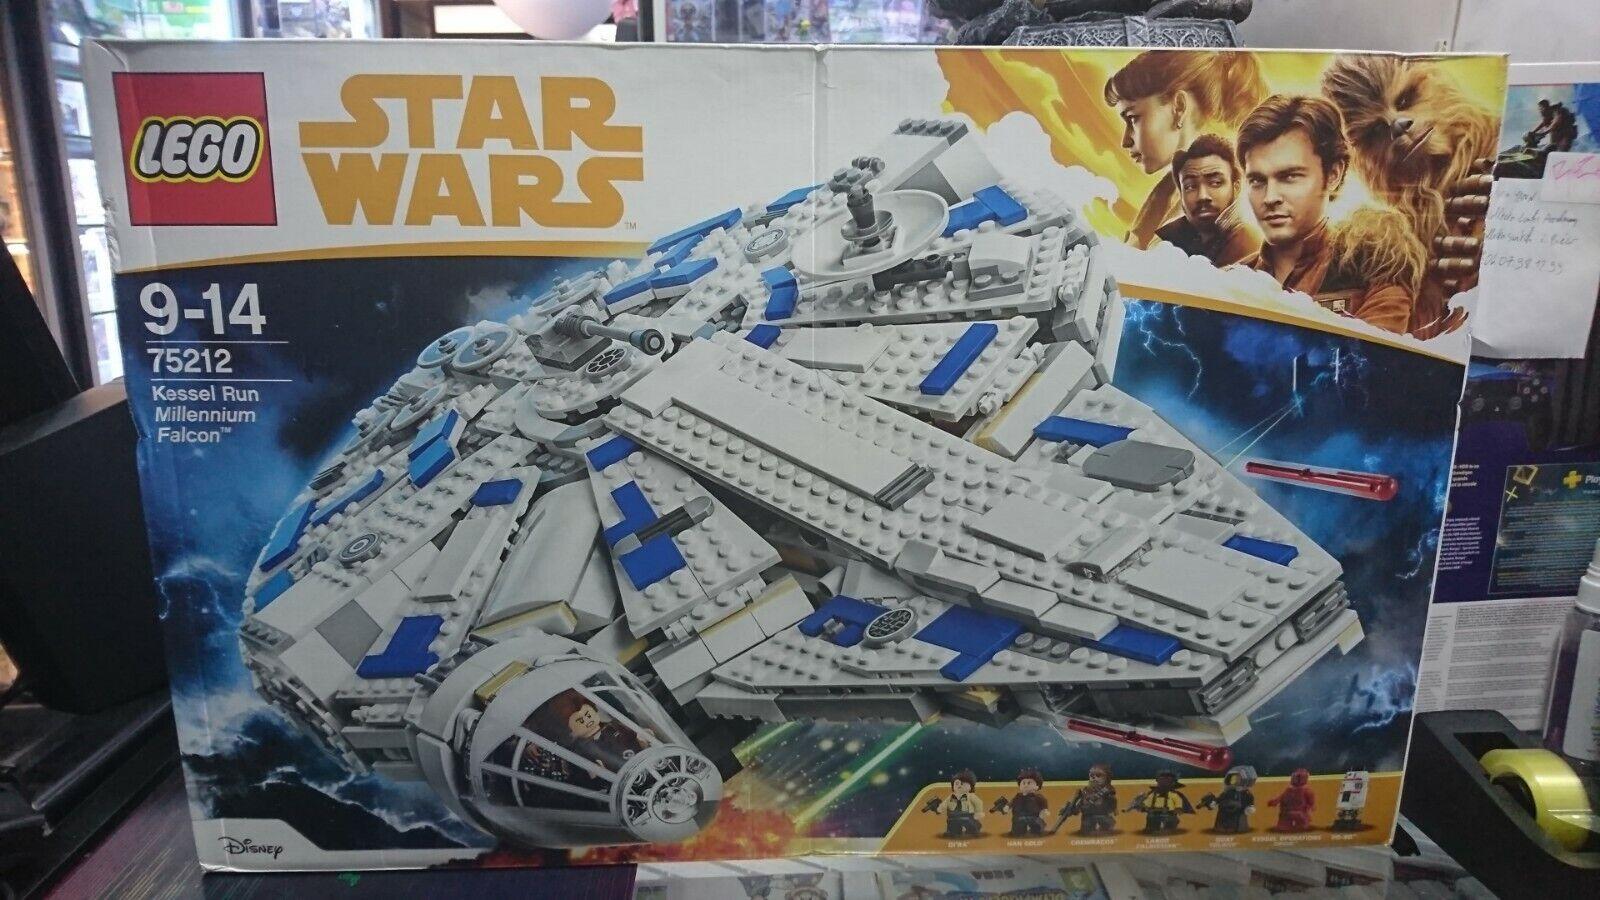 ° NEUF   nouveau ° Le Faucon  Millenium du raid de Kessel  LEGO(r) Star Wars  nouveaux styles les plus en vogue